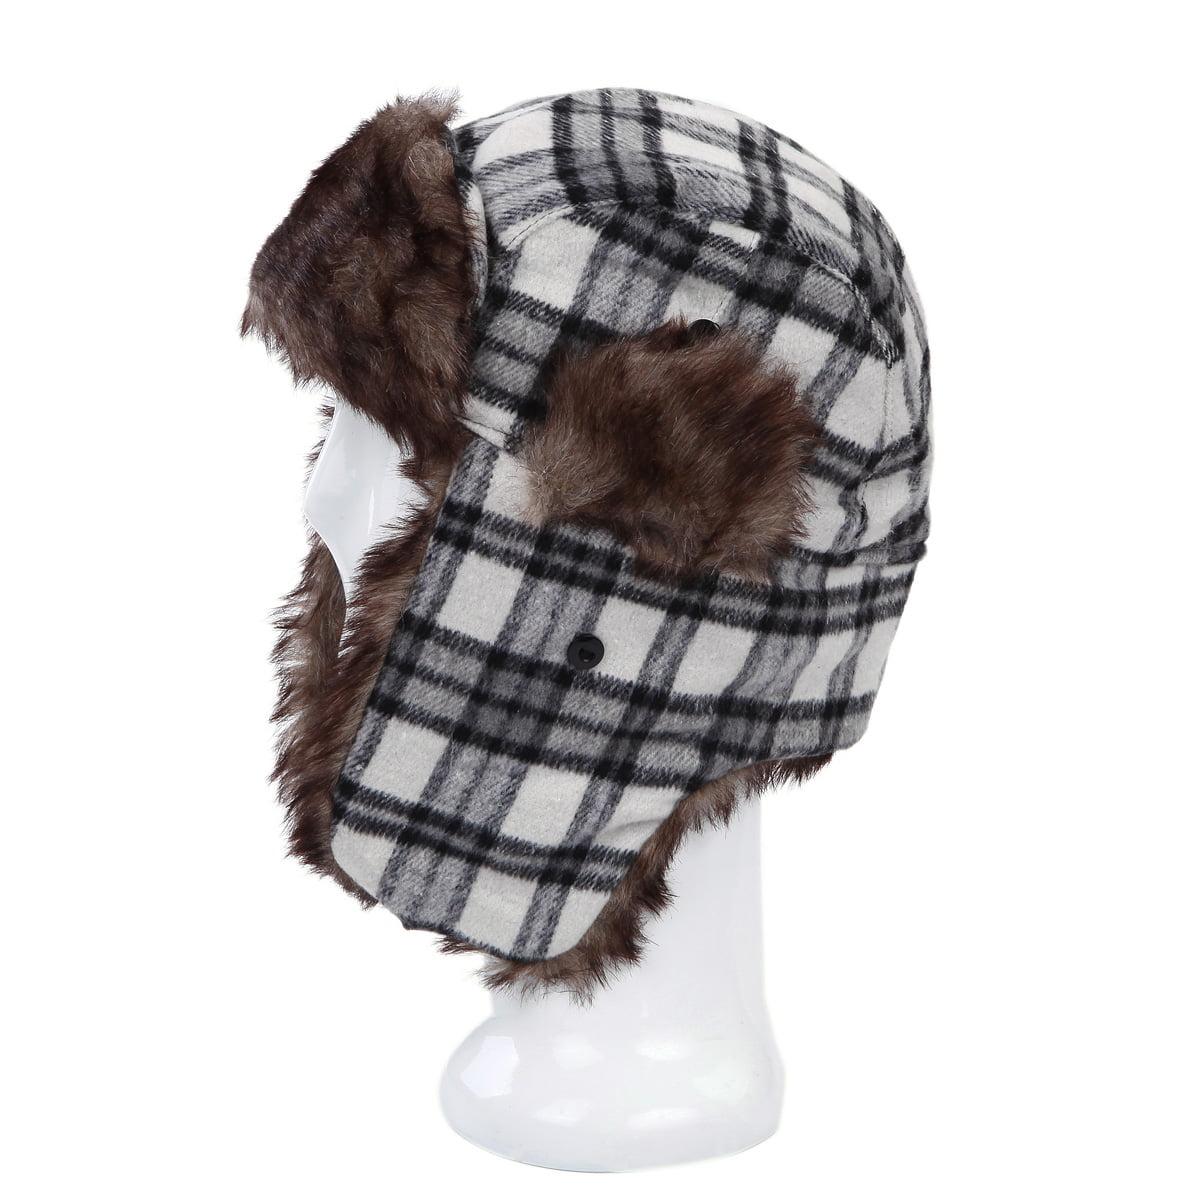 e26d969e9 Warm Winter Plaid Faux Fur Trapper Ski Snowboard Hunter Hat